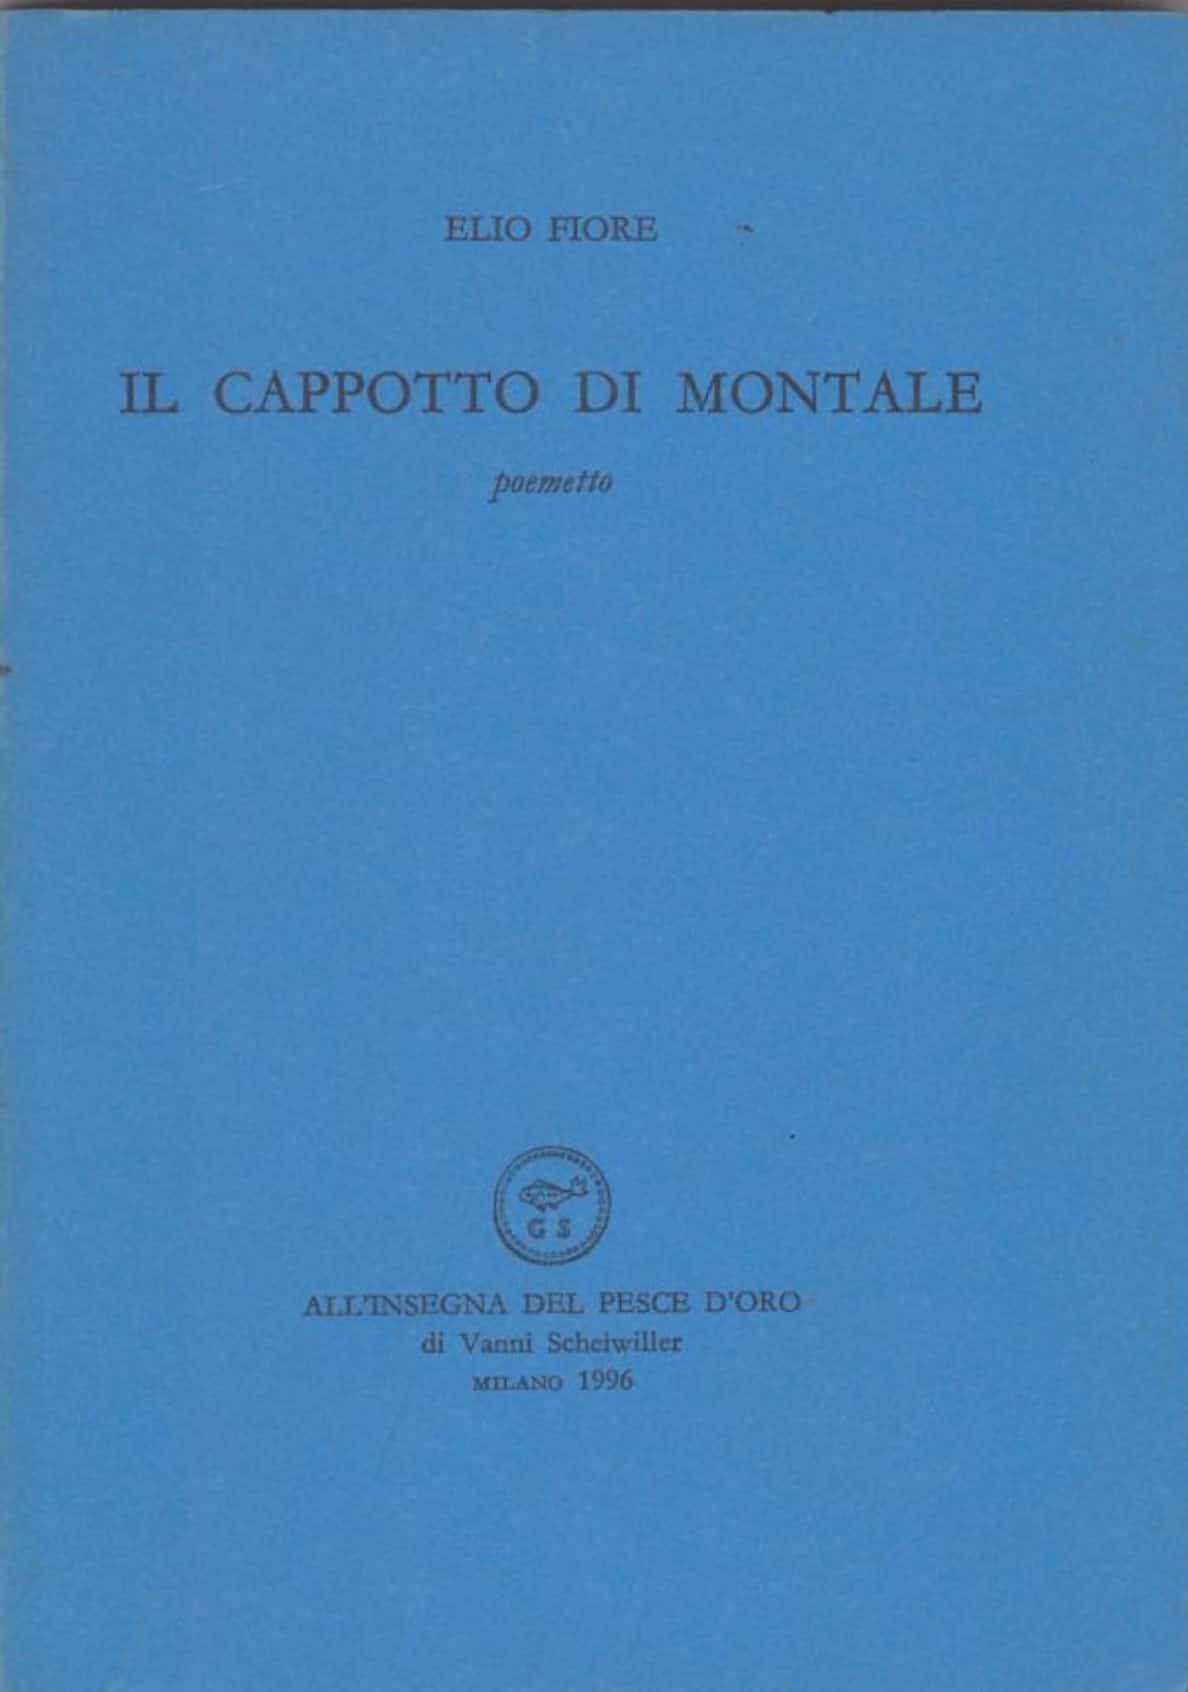 """""""Il cappotto di Montale"""" di Elio Fiore al mercatino"""